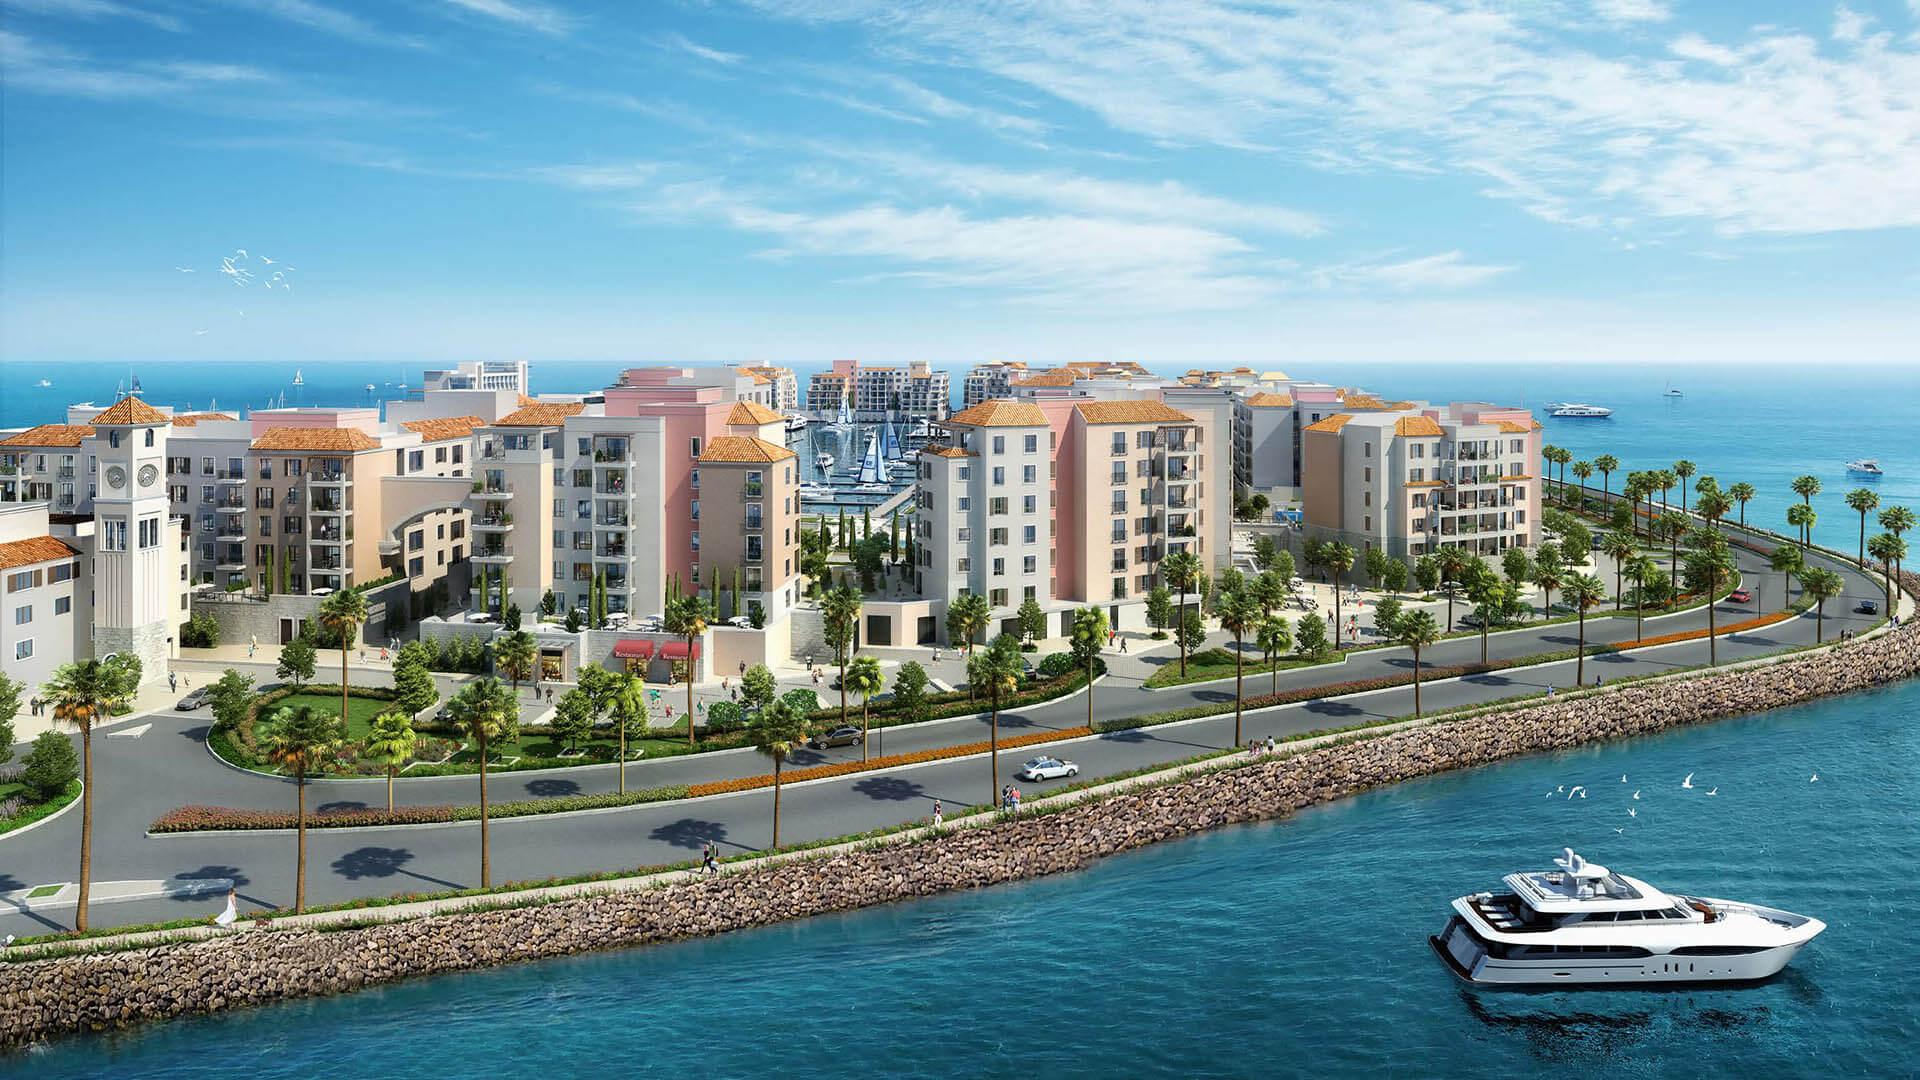 LA VOILE, Port de la mer, Dubai, EAU – foto 6